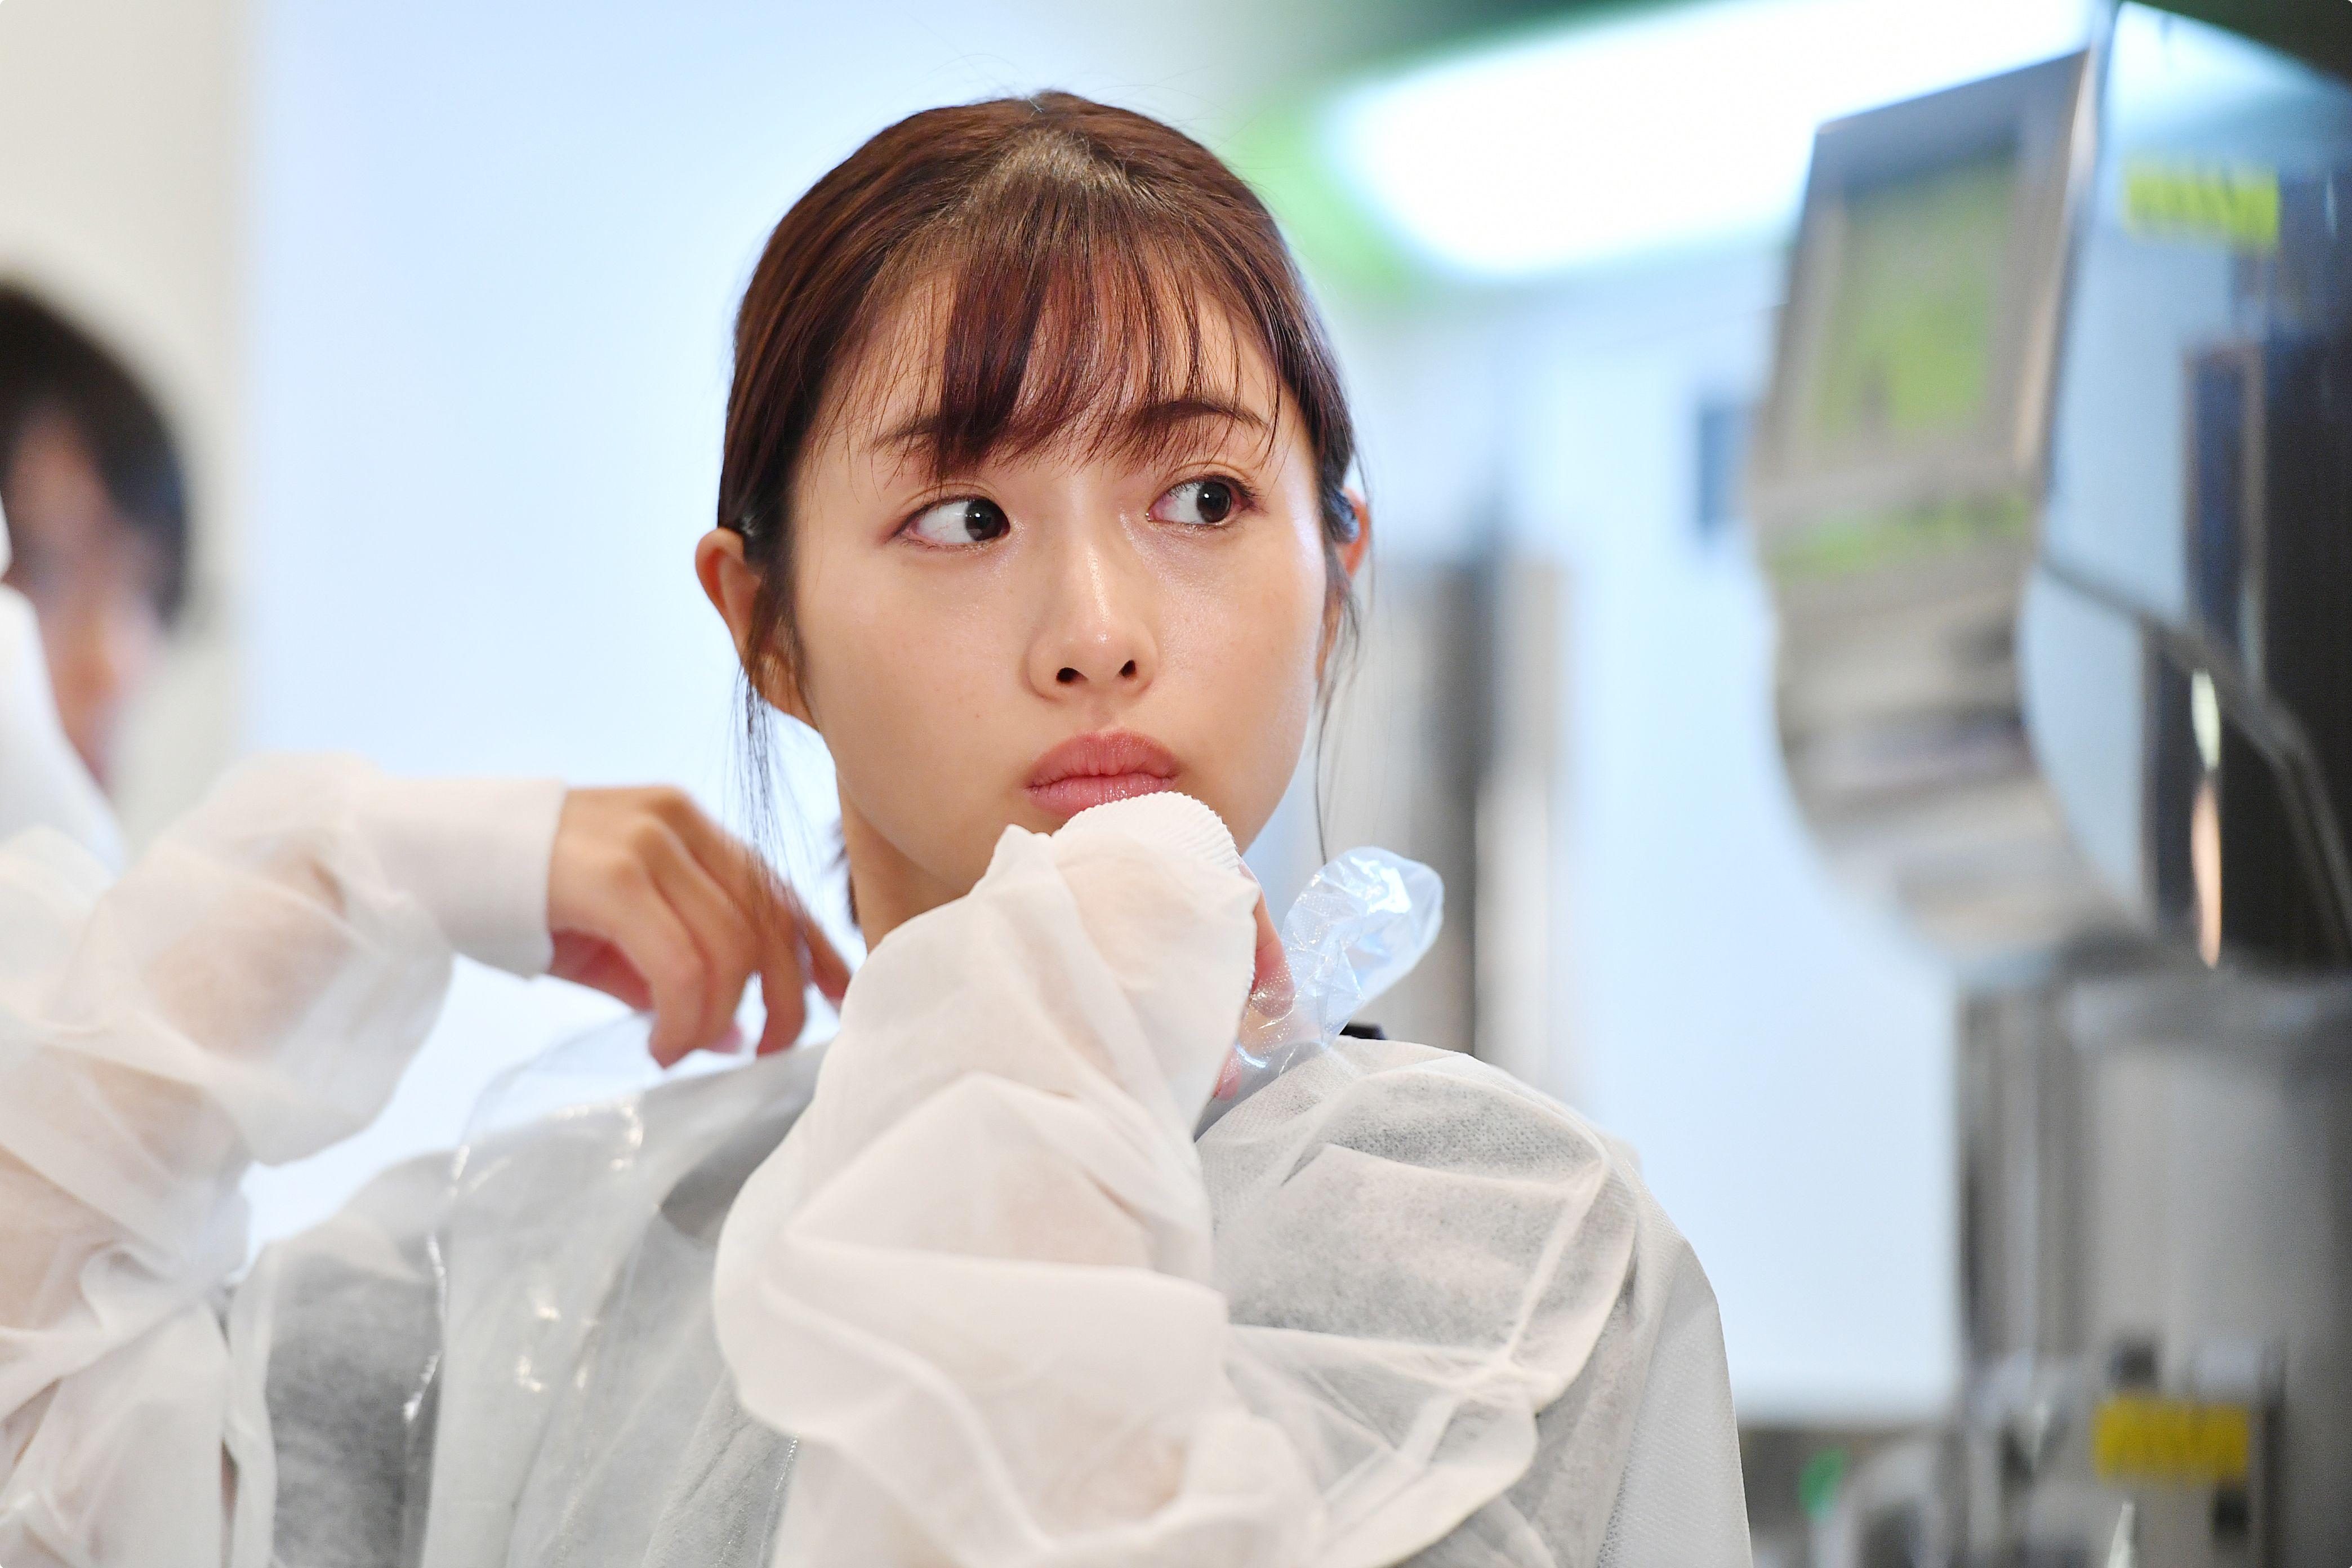 ドラマ『アンナチュラル』主演の石原さとみさん((c)ドリマックス・テレビジョン/TBS)